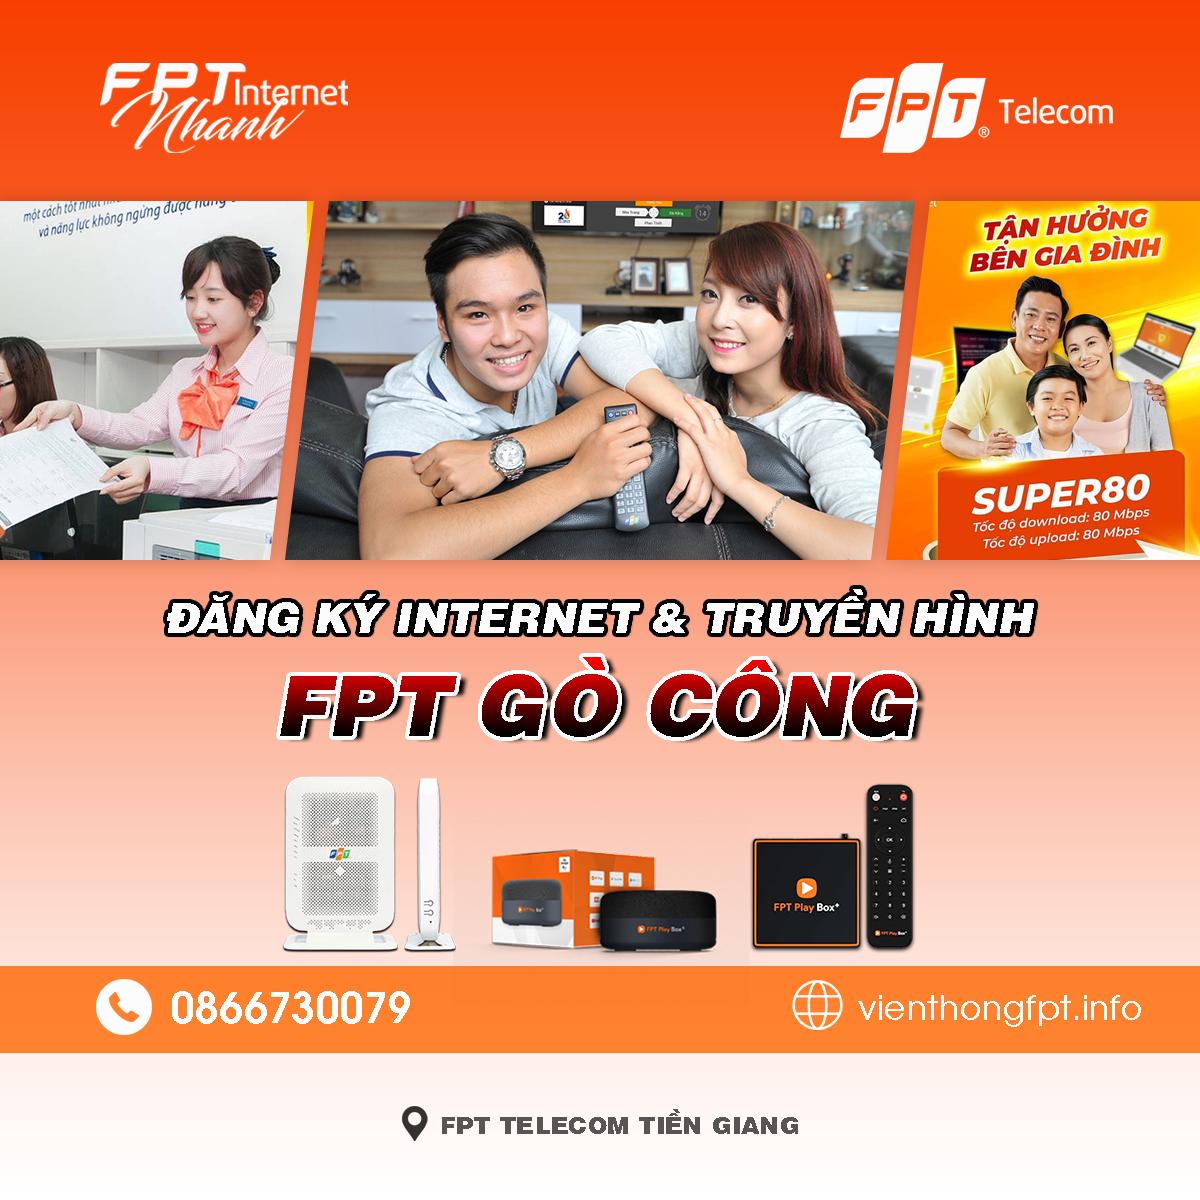 Tổng đài FPT Gò Công - Đơn vị lắp mạng Internet và Truyền hình FPT